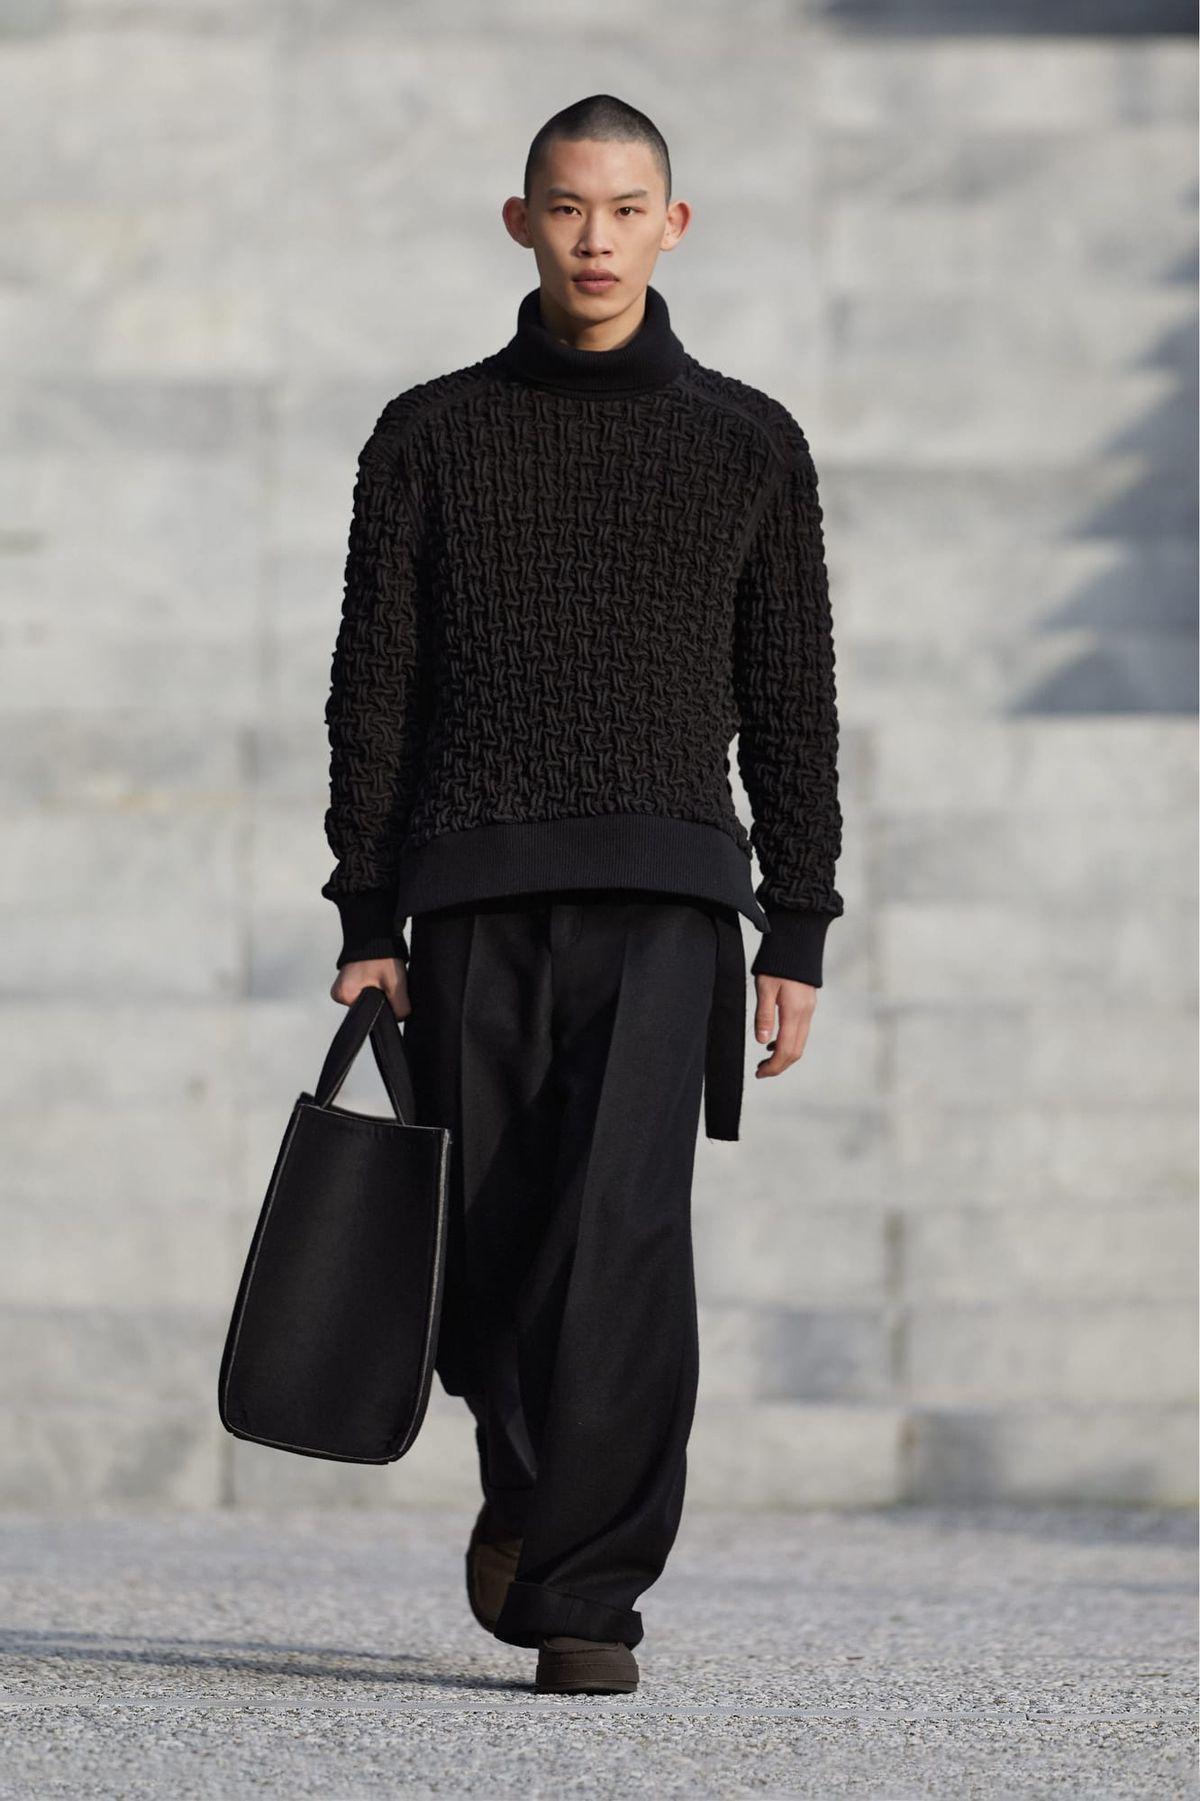 Las 8 tendencias de moda masculina para este 2021